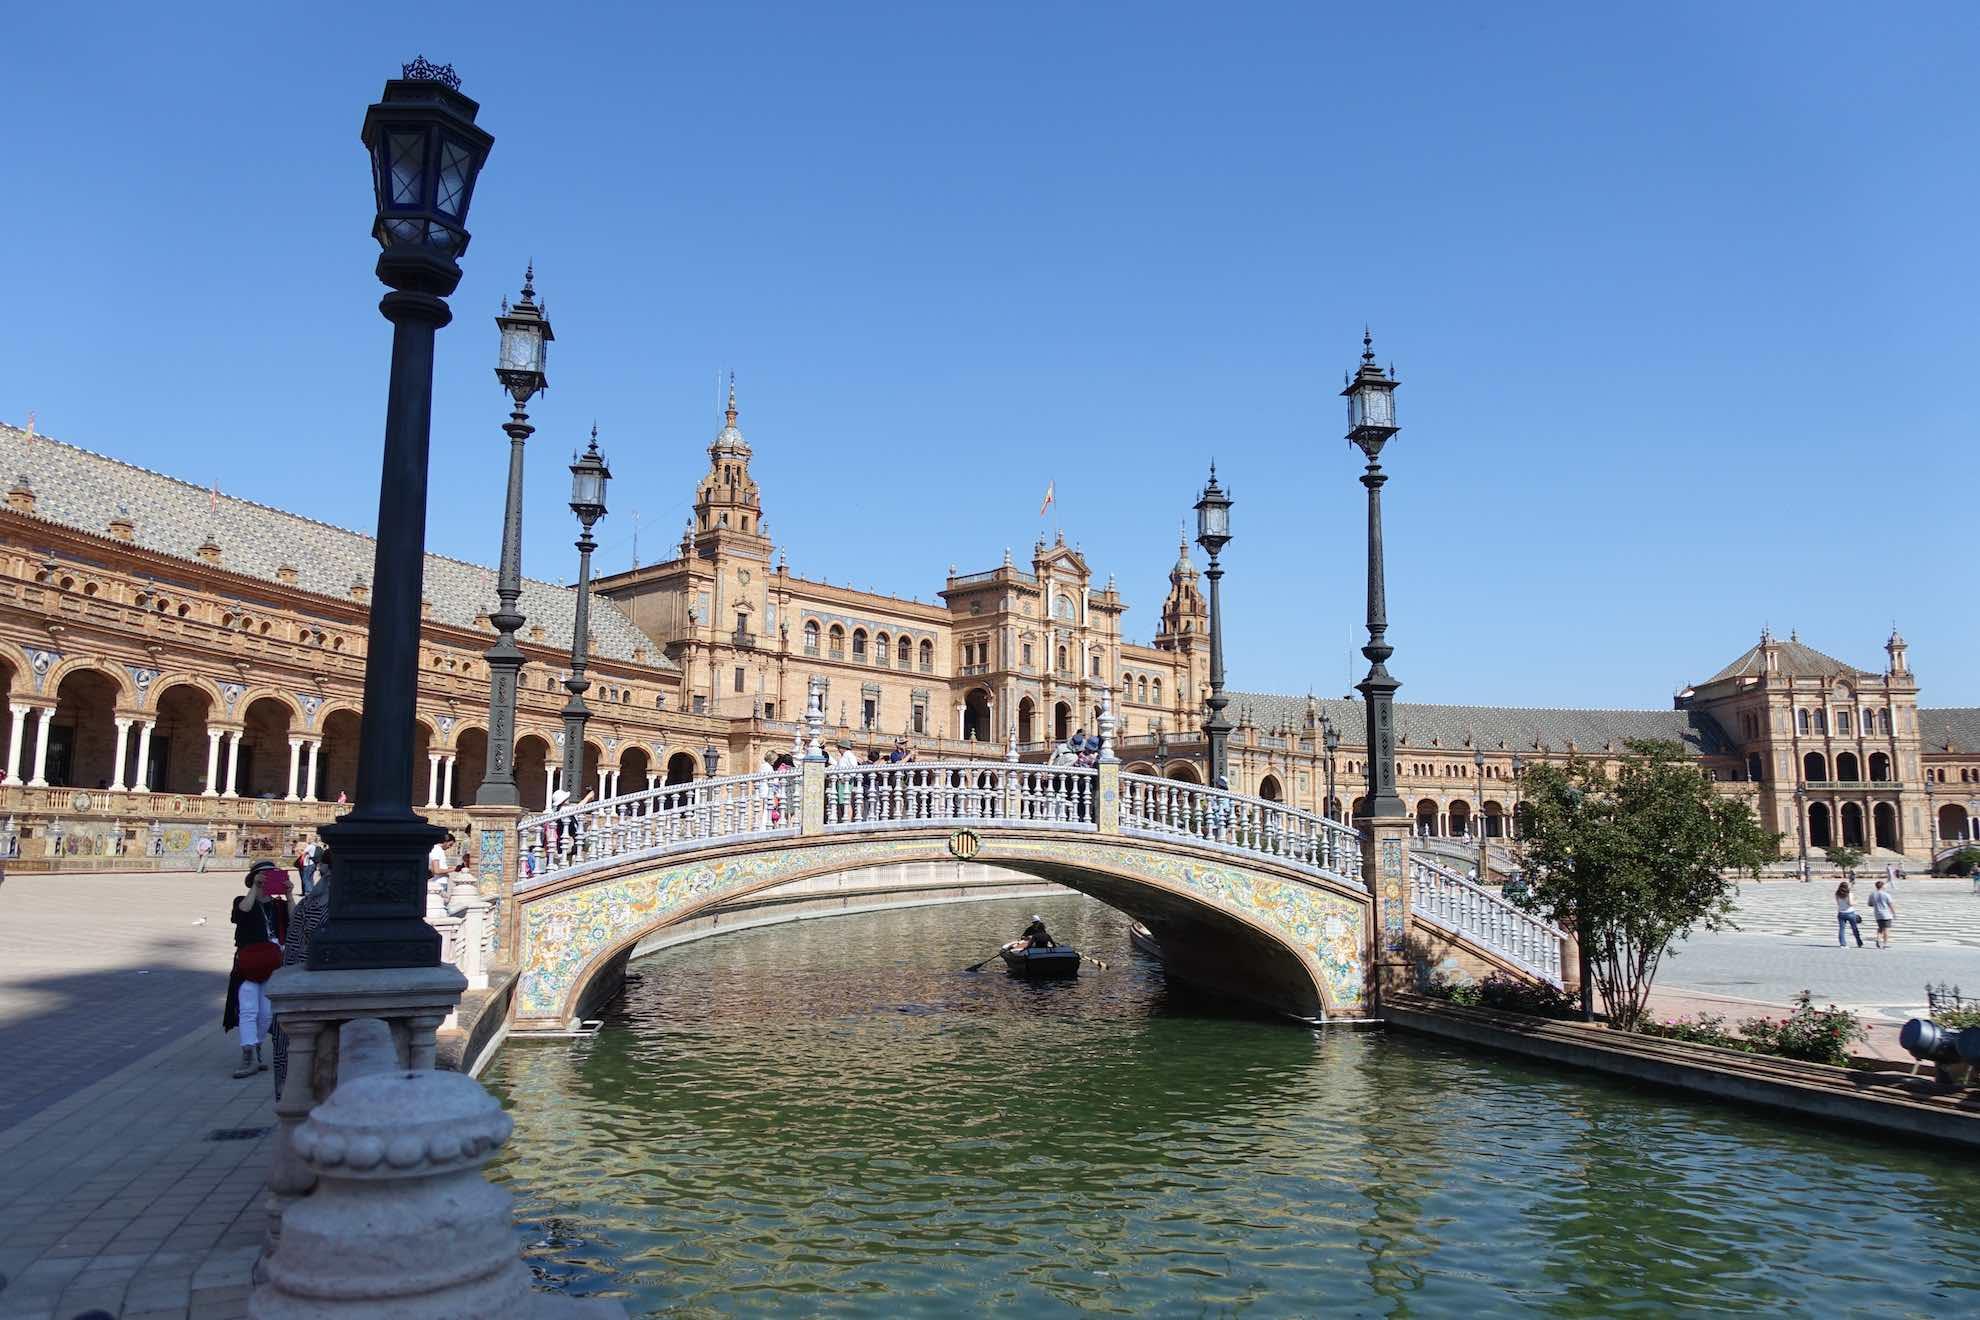 Der Plaza de España von 1929 ist ein aussergewöhnlich schönes Beispiel von gelungenem Städtebau.